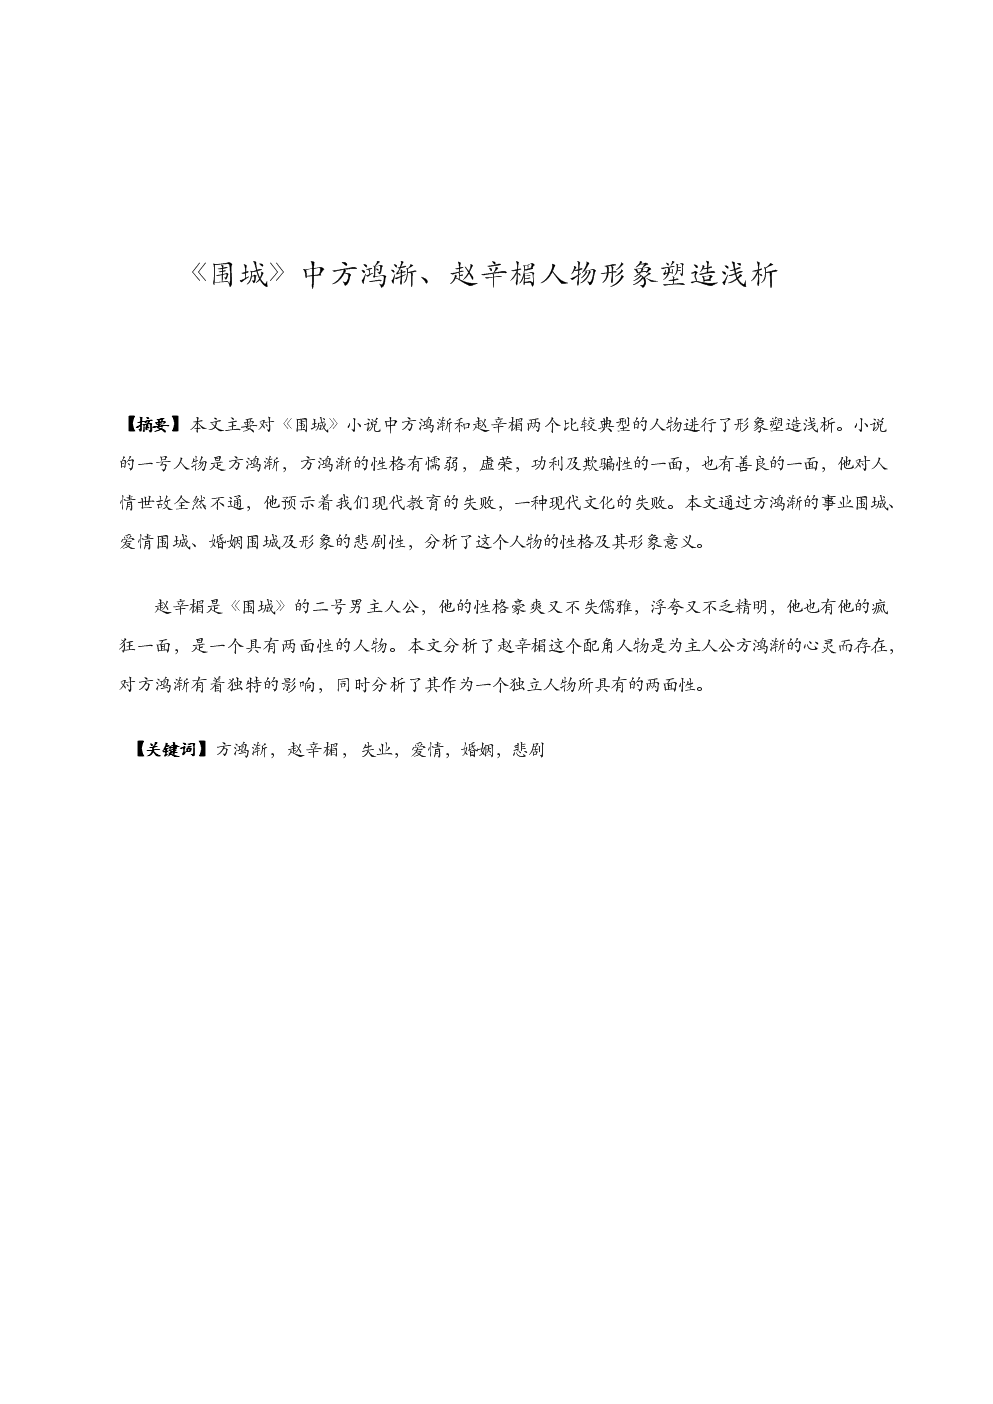 《圍城》中方鴻漸、趙辛楣人物形象的塑造淺析.doc